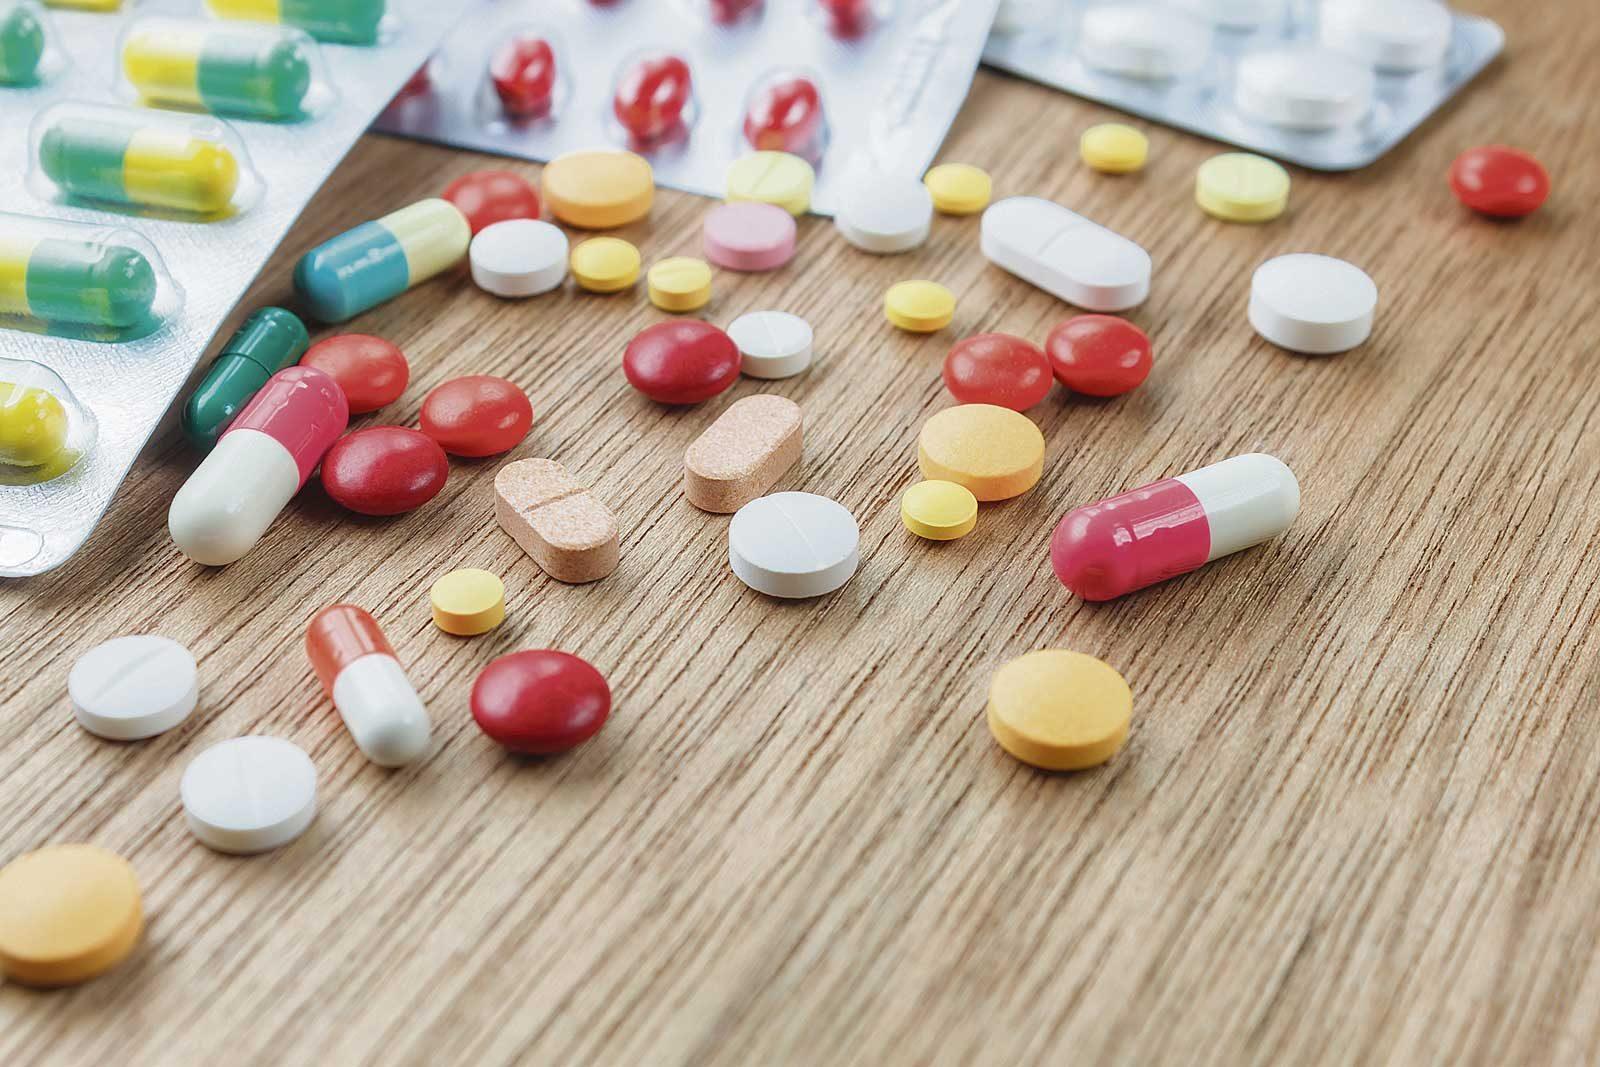 ce să bea pentru pastile de durere articulară